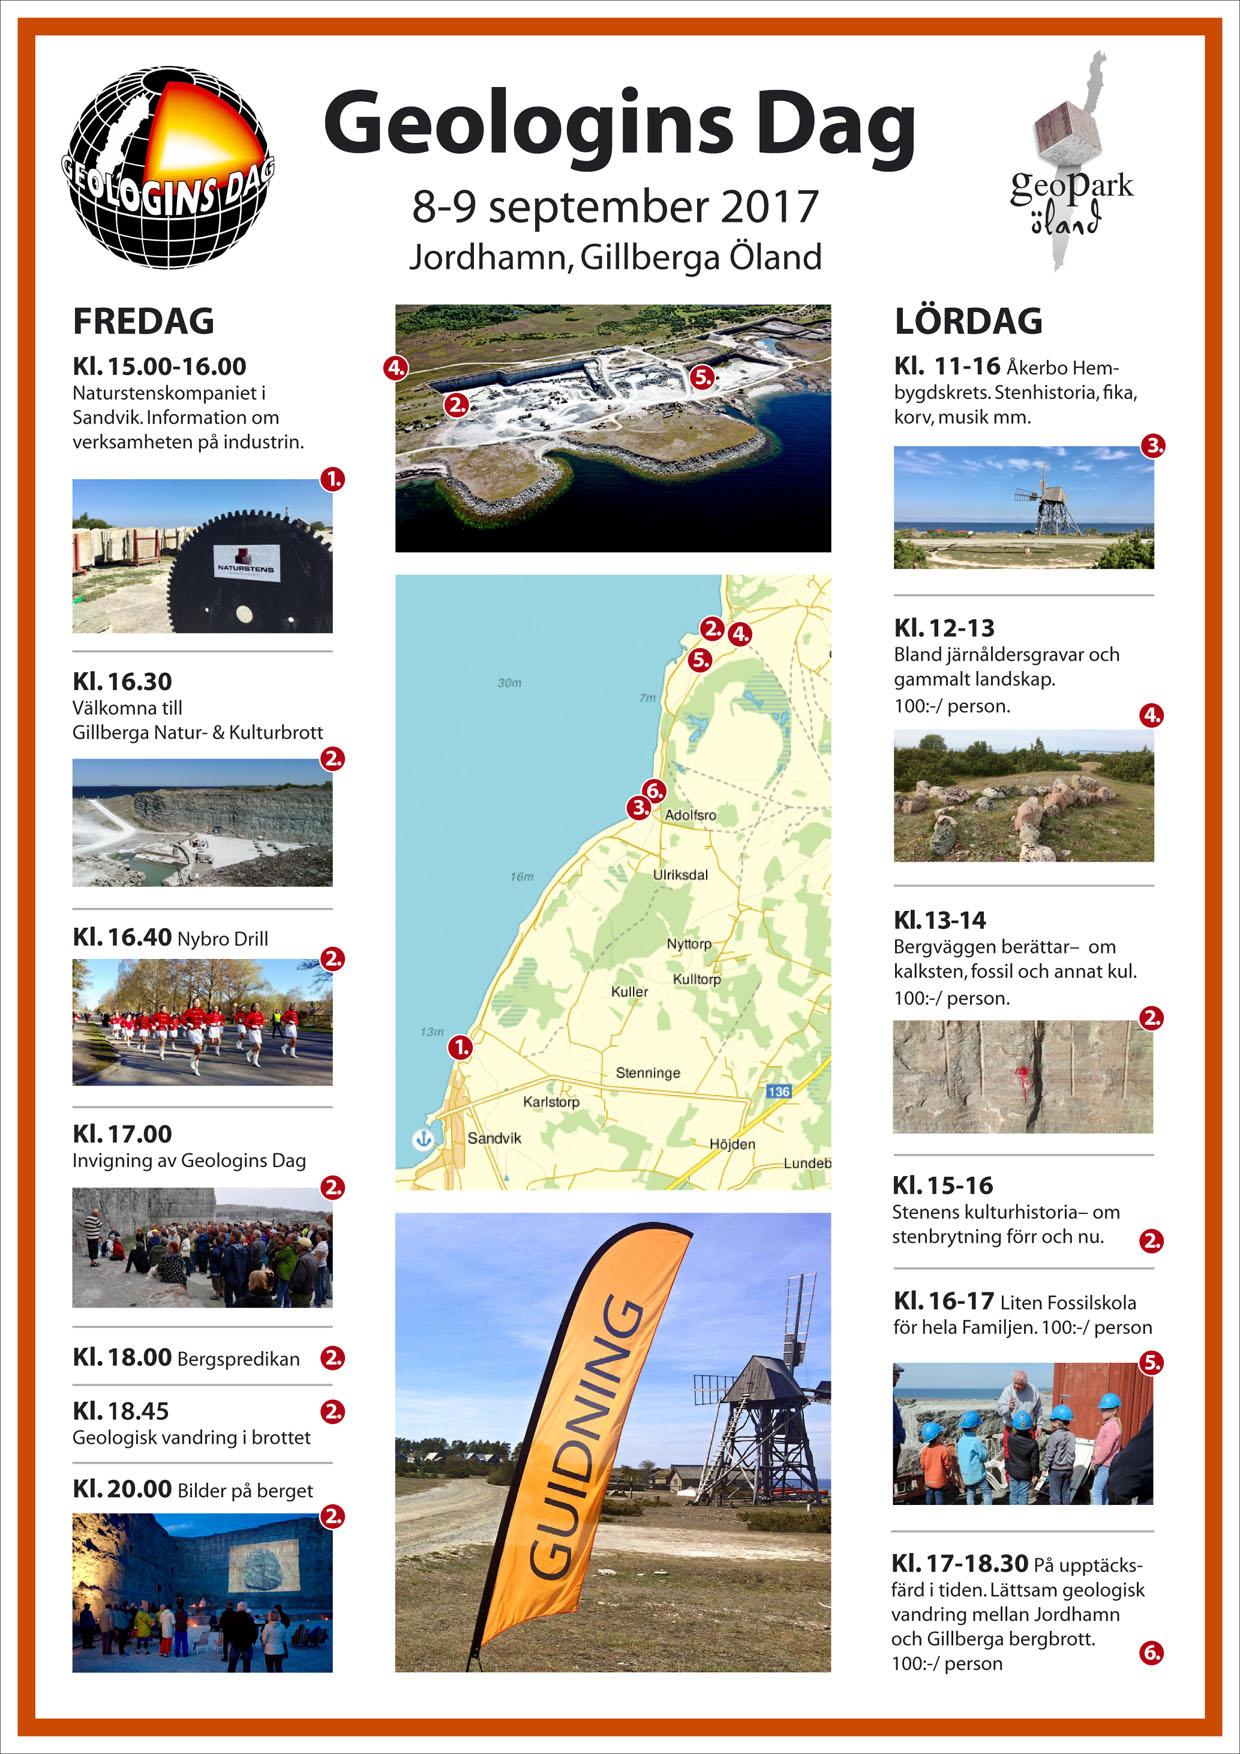 Geologins Dag - 8-9 september 2017 i Jordhamn, Gillberga, Öland